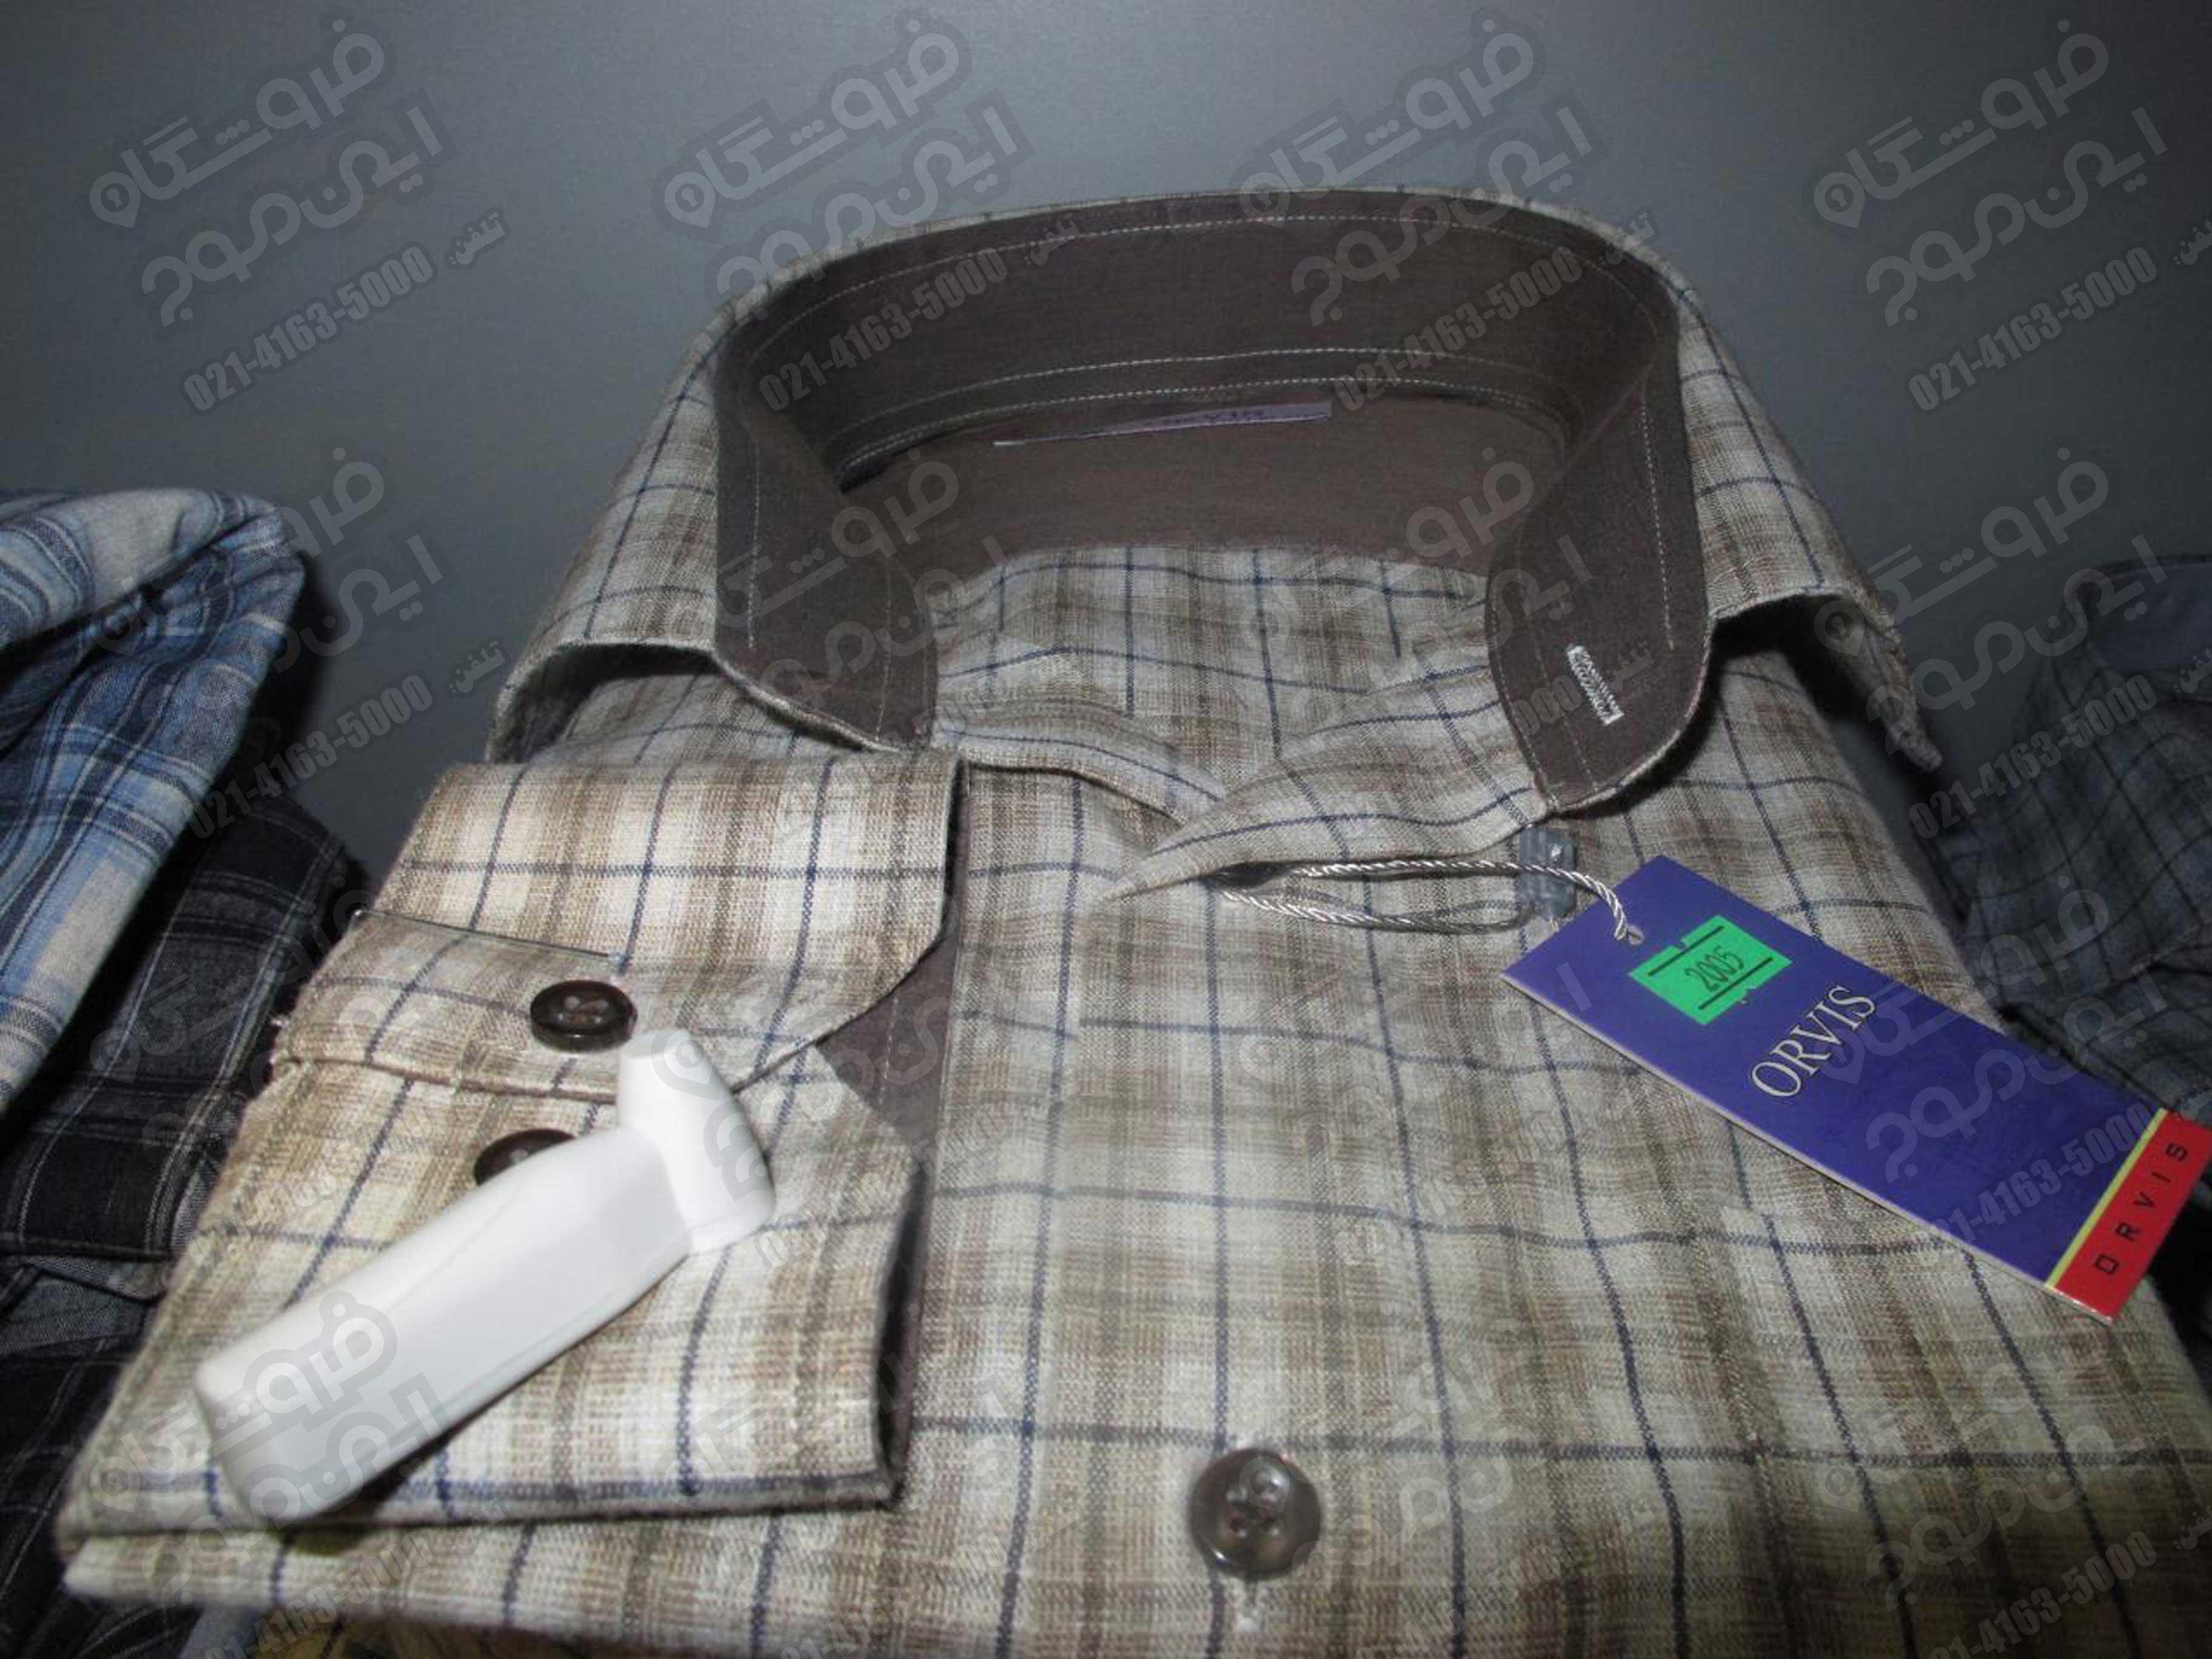 Pencil Security Alert Tag – Pencil Tag – Pen Tag – Tag Alert-Install-On-Zinc-Men's Clothing (4)